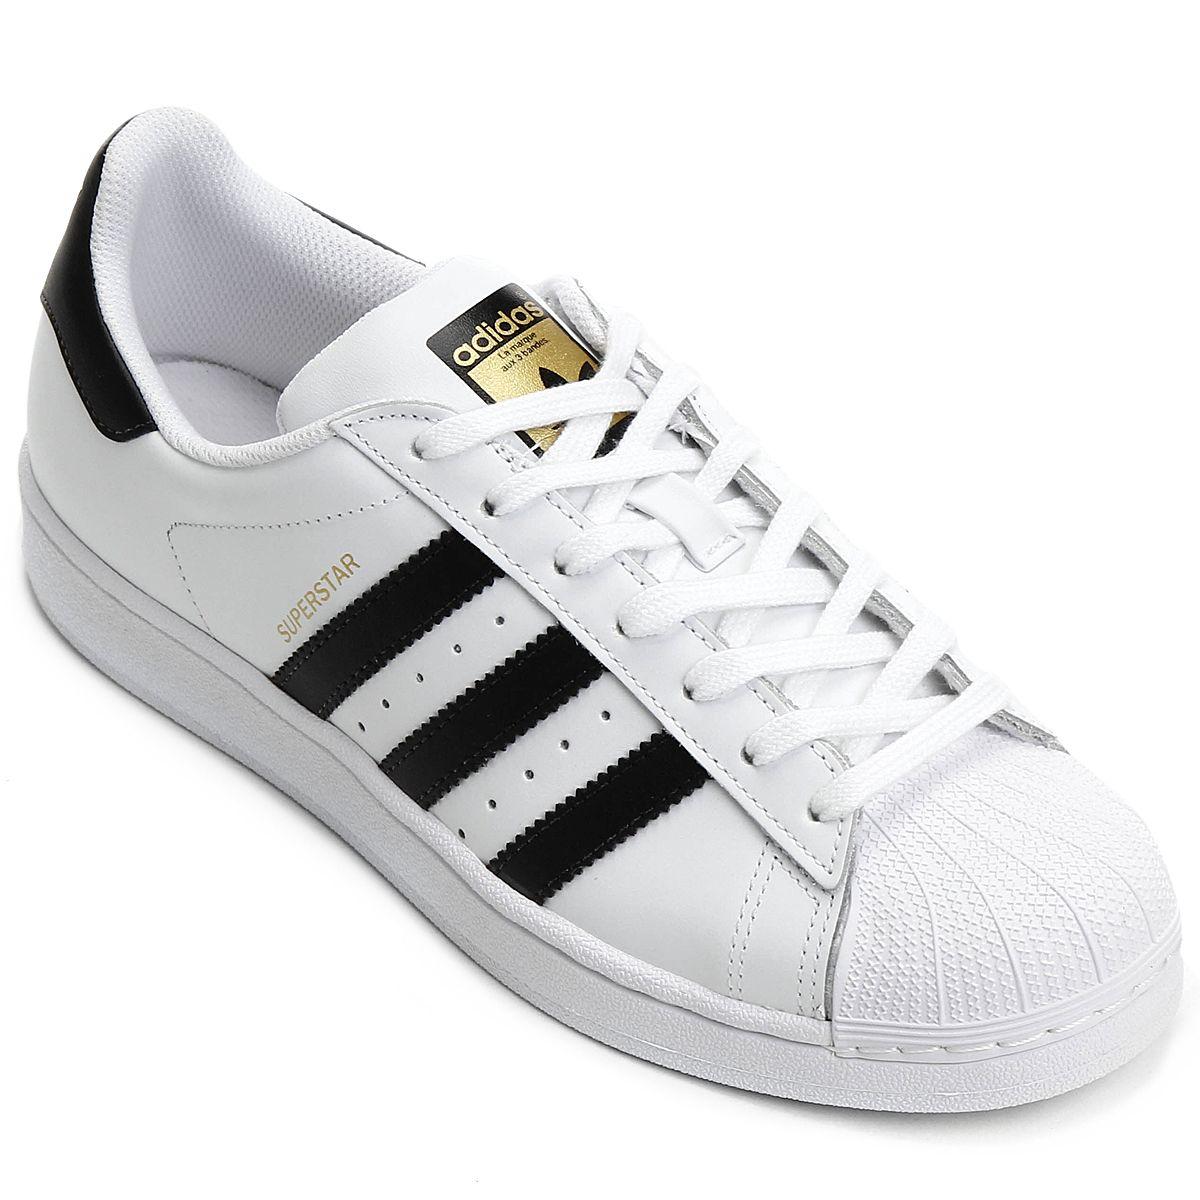 Netshoes E Branco Foundation Tênis Superstar Preto Adidas YUgqY1nF